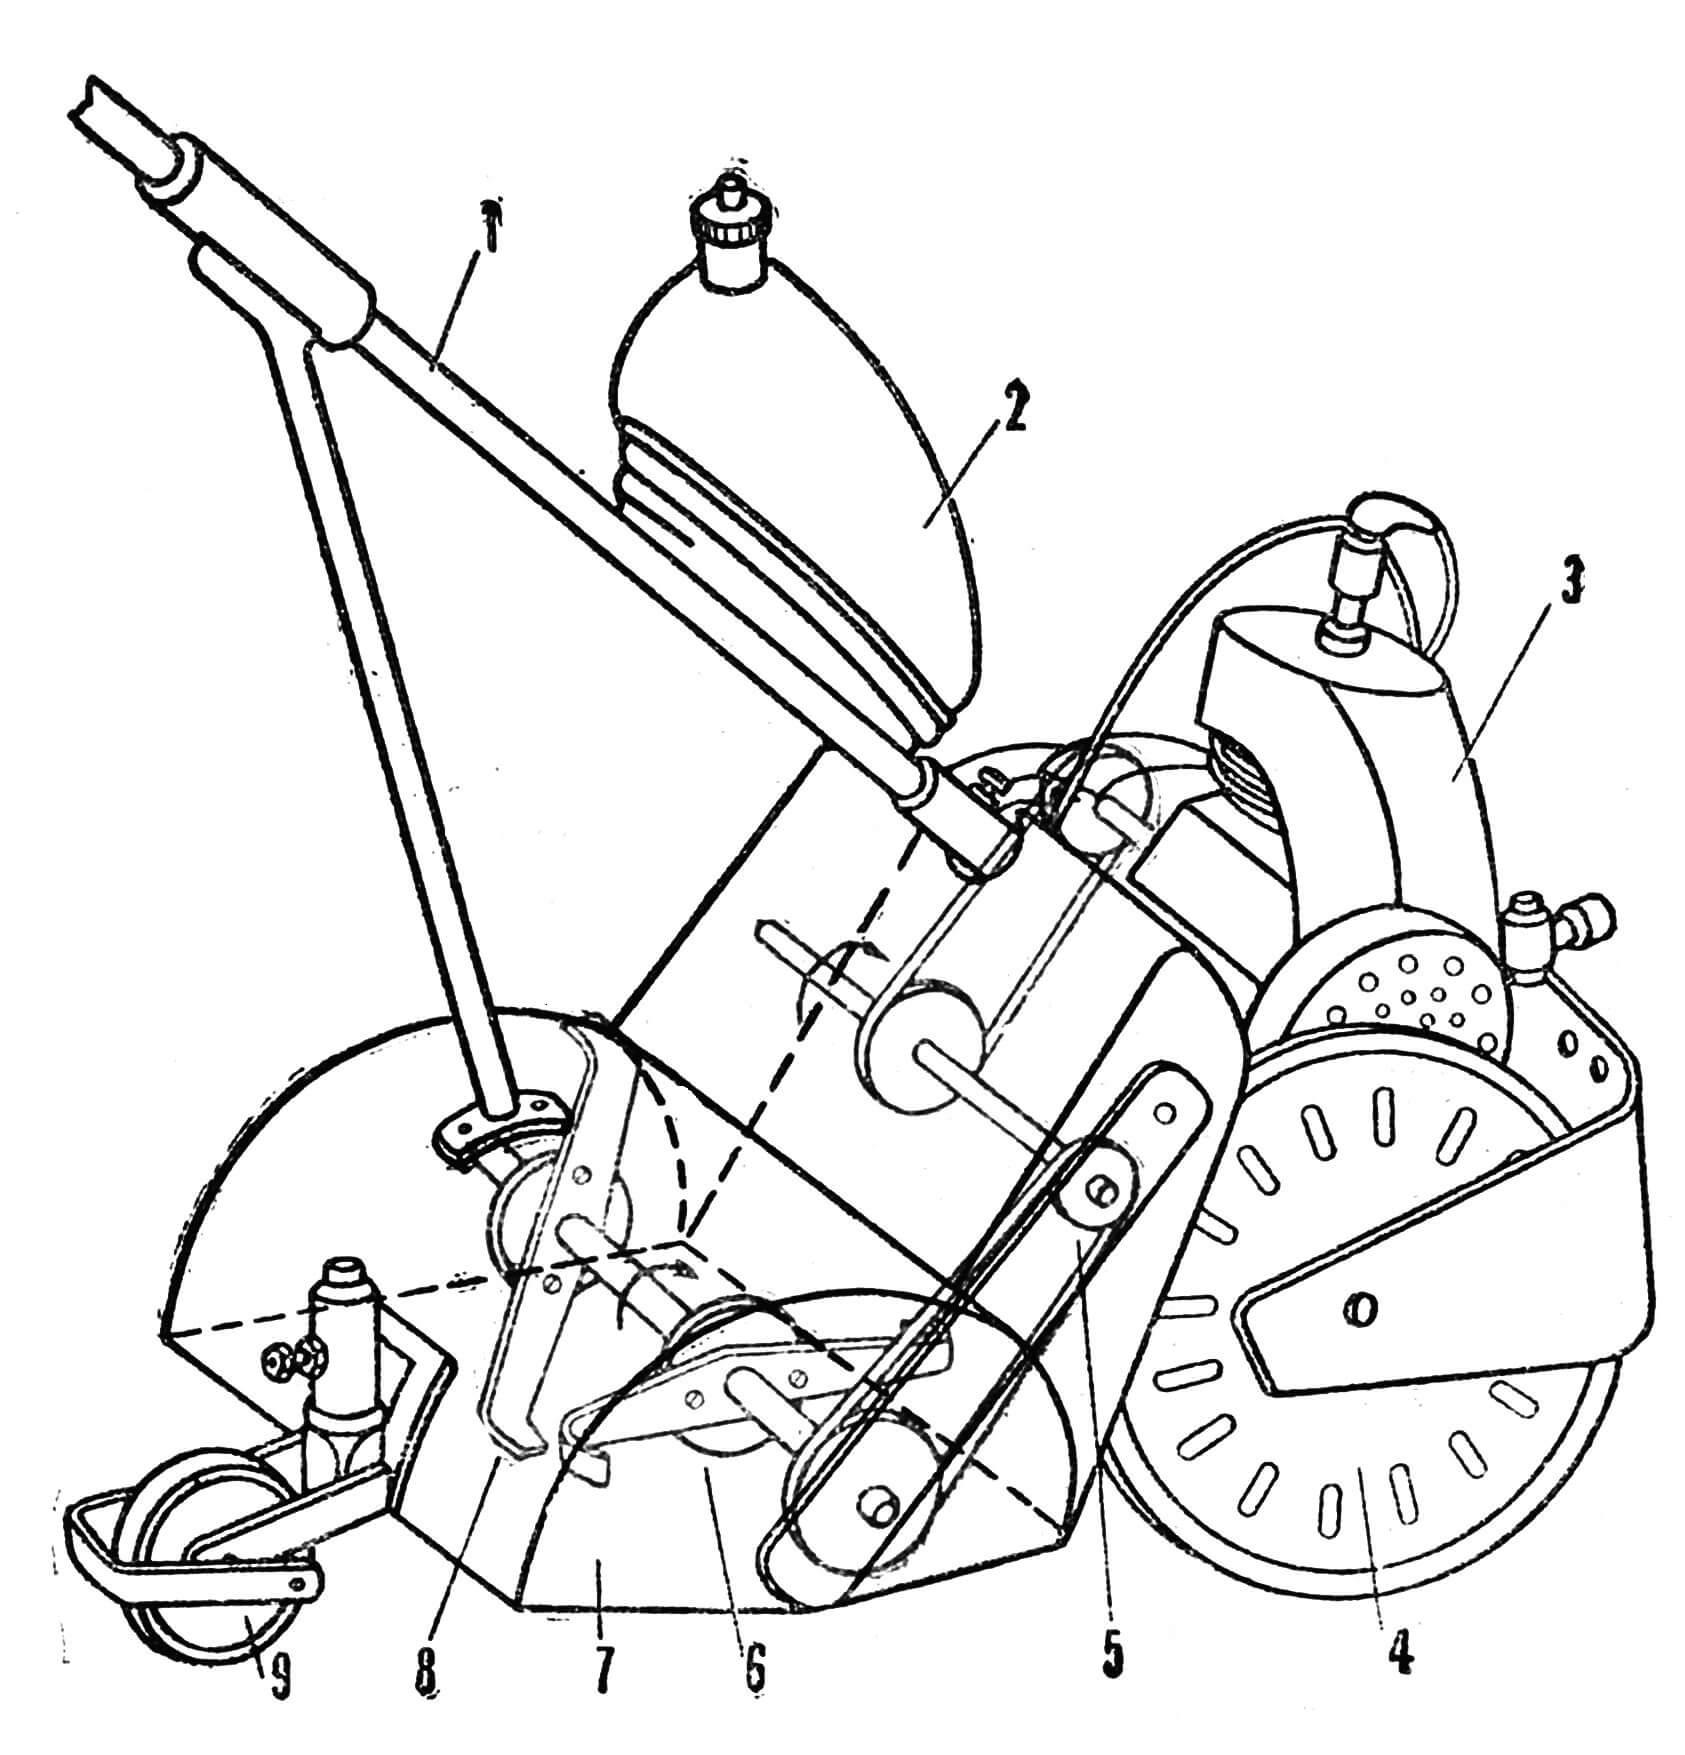 Рис. 4. Размещение узлов и агрегатов моторобота «Юннат»: 1 — штанга управления, 2 — бензобак, 3 — двигатель Д-4-К, 4 — колесо, 5 — промежуточный валик, 6 — фреза, 7 — защитный кожух (R=110 мм), 8 — нож фрезы (R=90 мм), 9 — опорный каток.